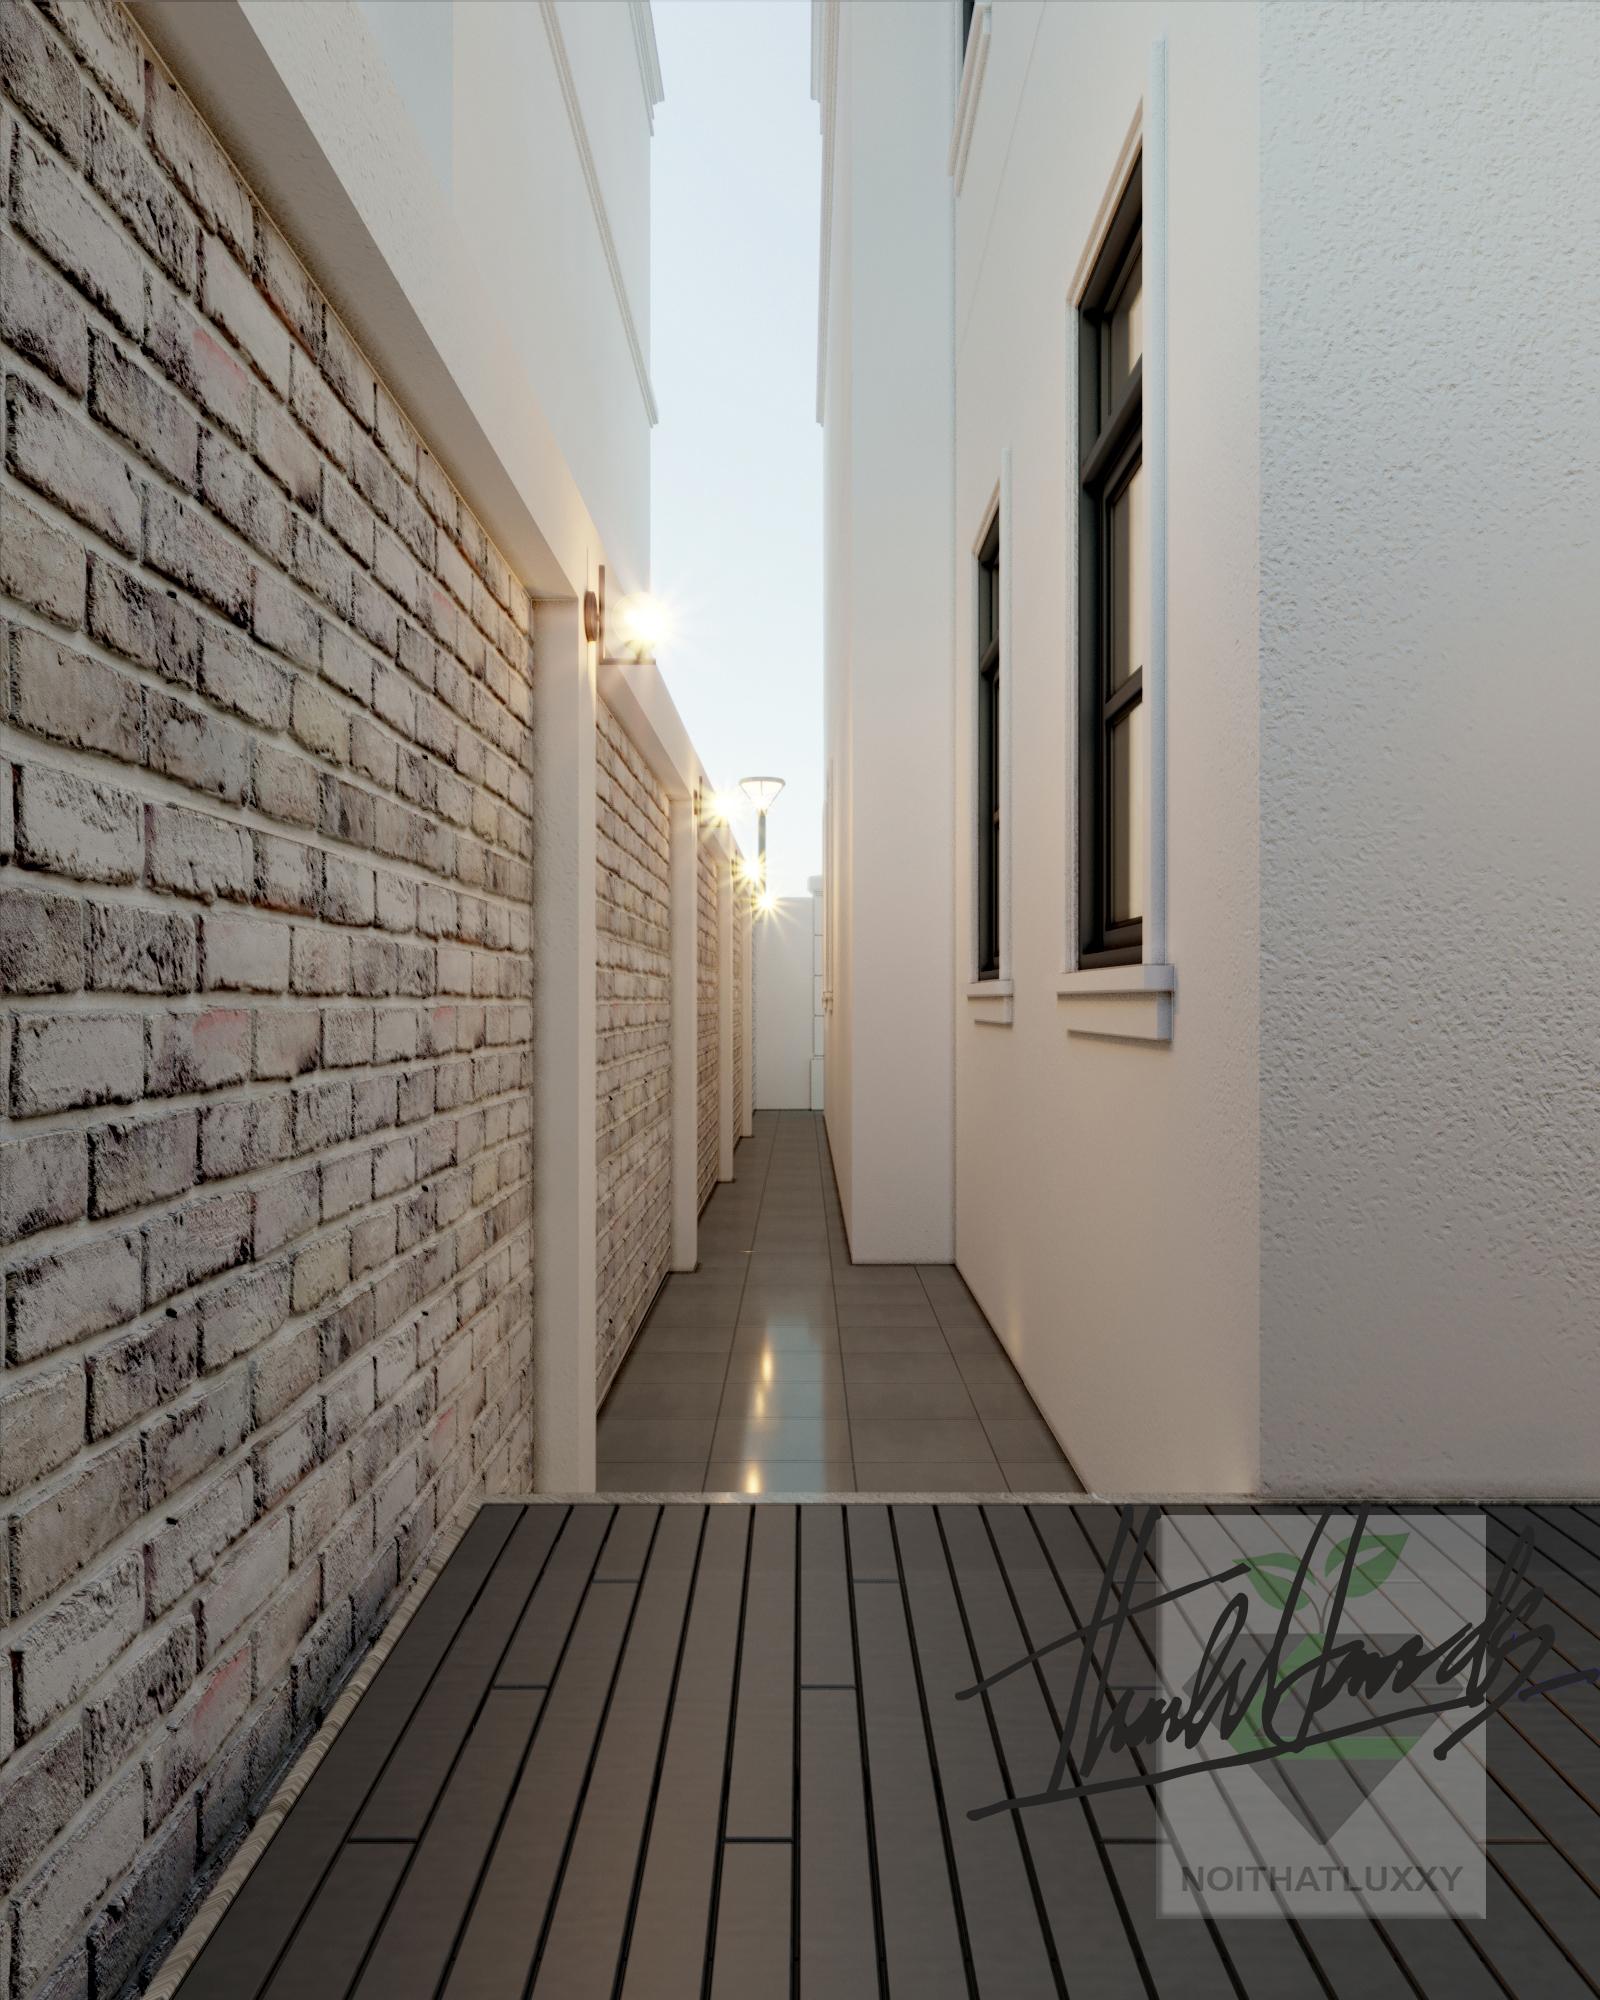 thiết kế nội thất Biệt Thự tại Hải Phòng Biệt thự Vinhomes - imperia ( khu MHT) 10 1568275623